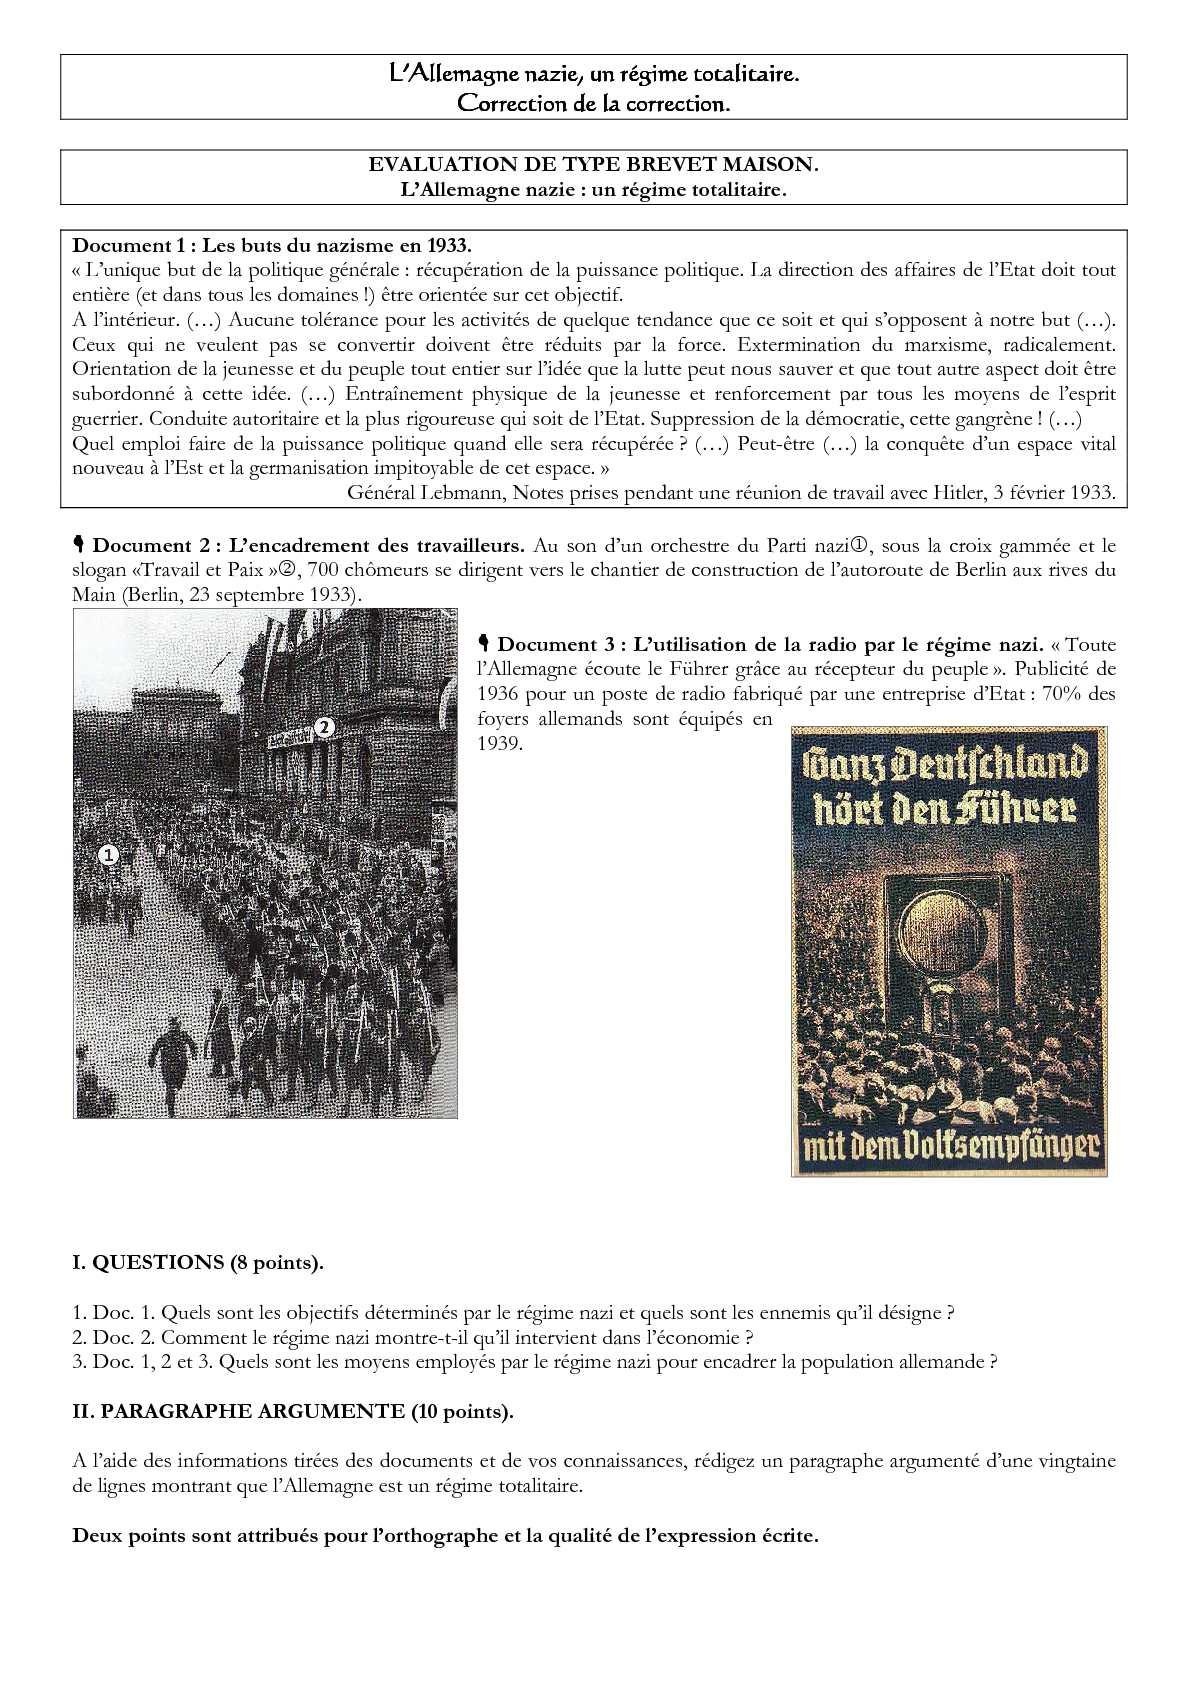 paragraphe argumente sur l allemagne nazie un etat totalitaire